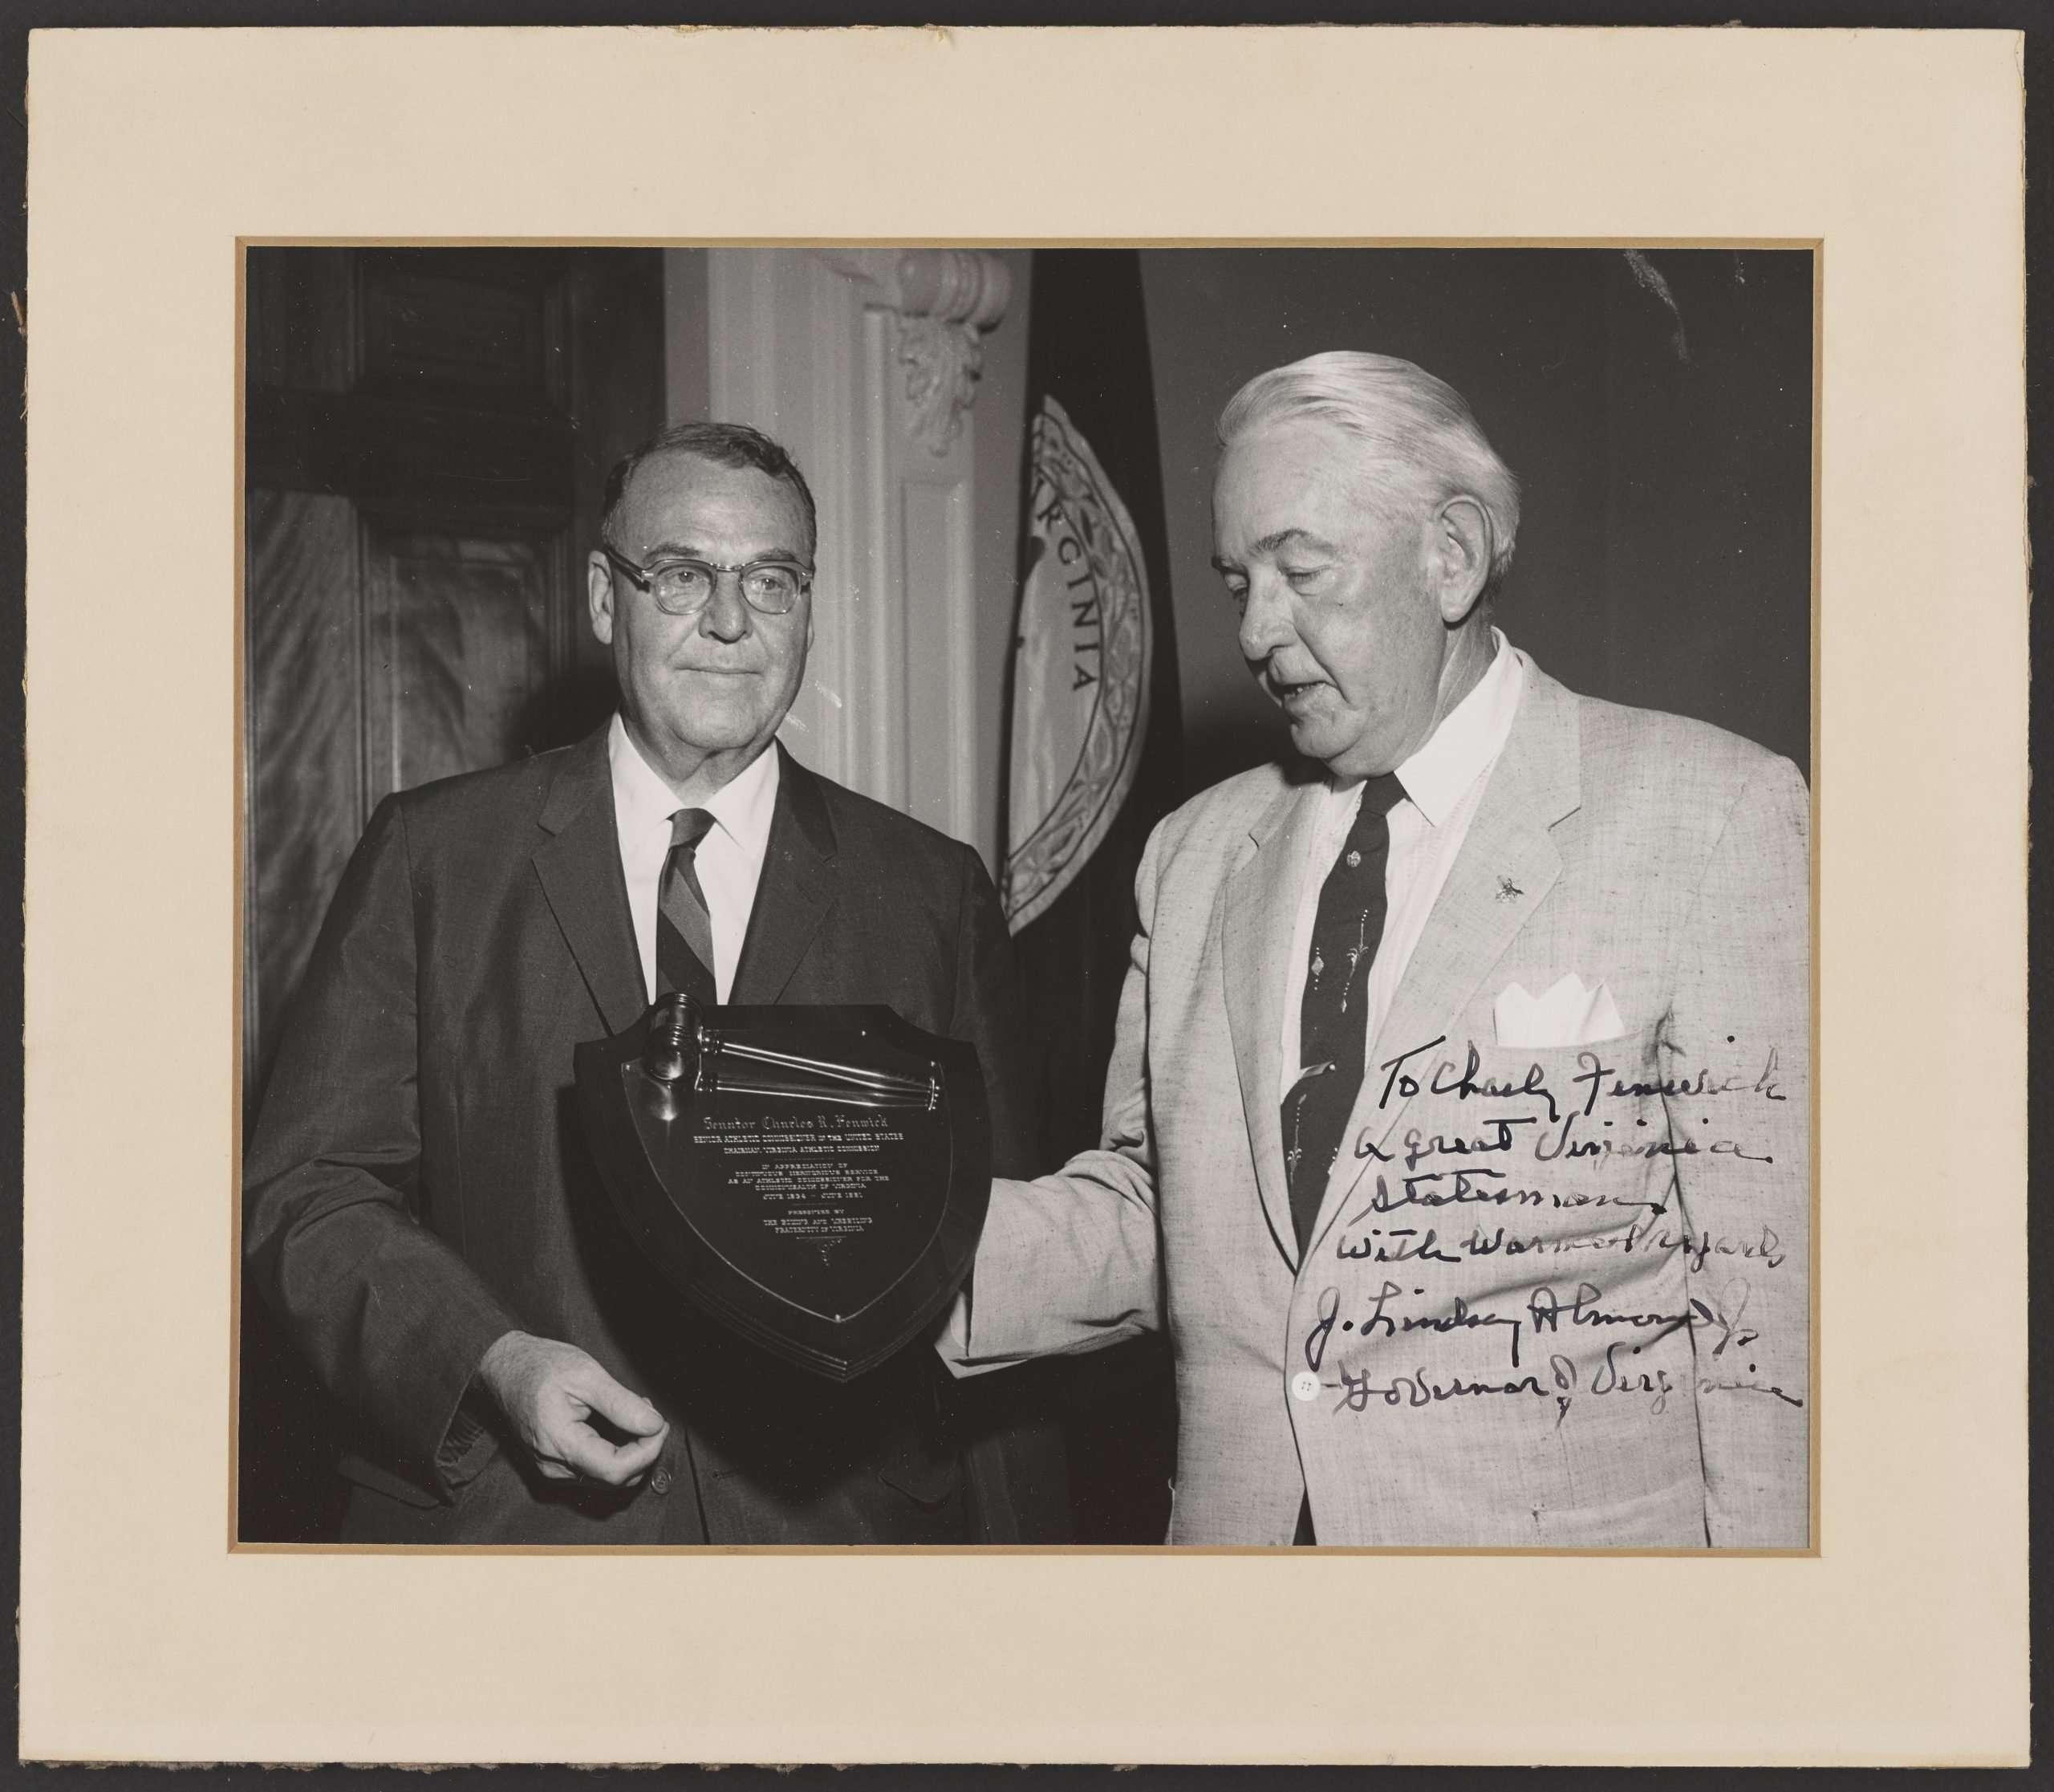 Governor J. Lindsay Almond Jr. and Charles Fenwick